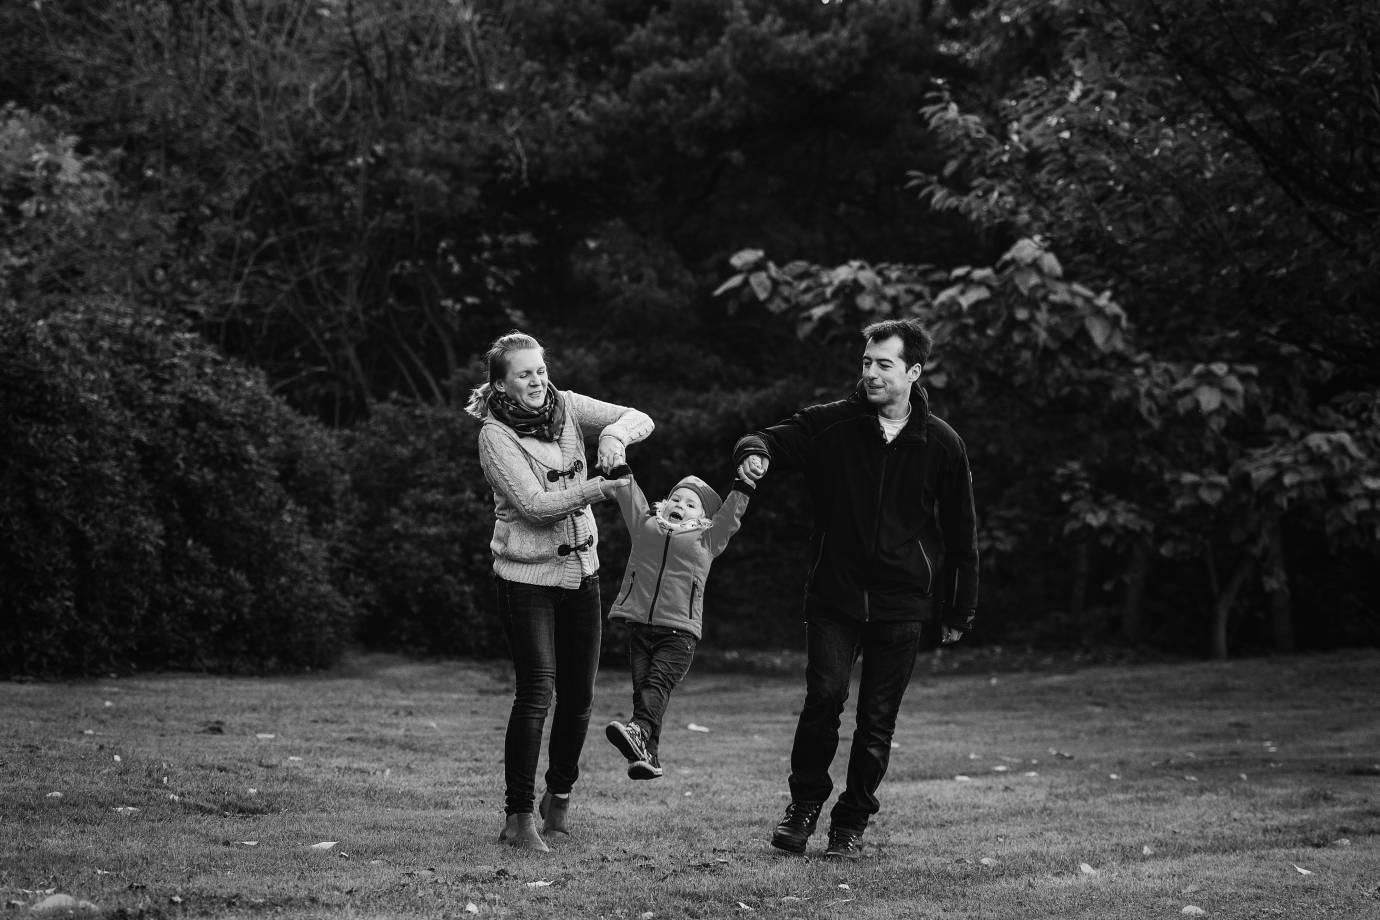 familienfotos bremen 41 - Familienfotos von Juliane+Jan